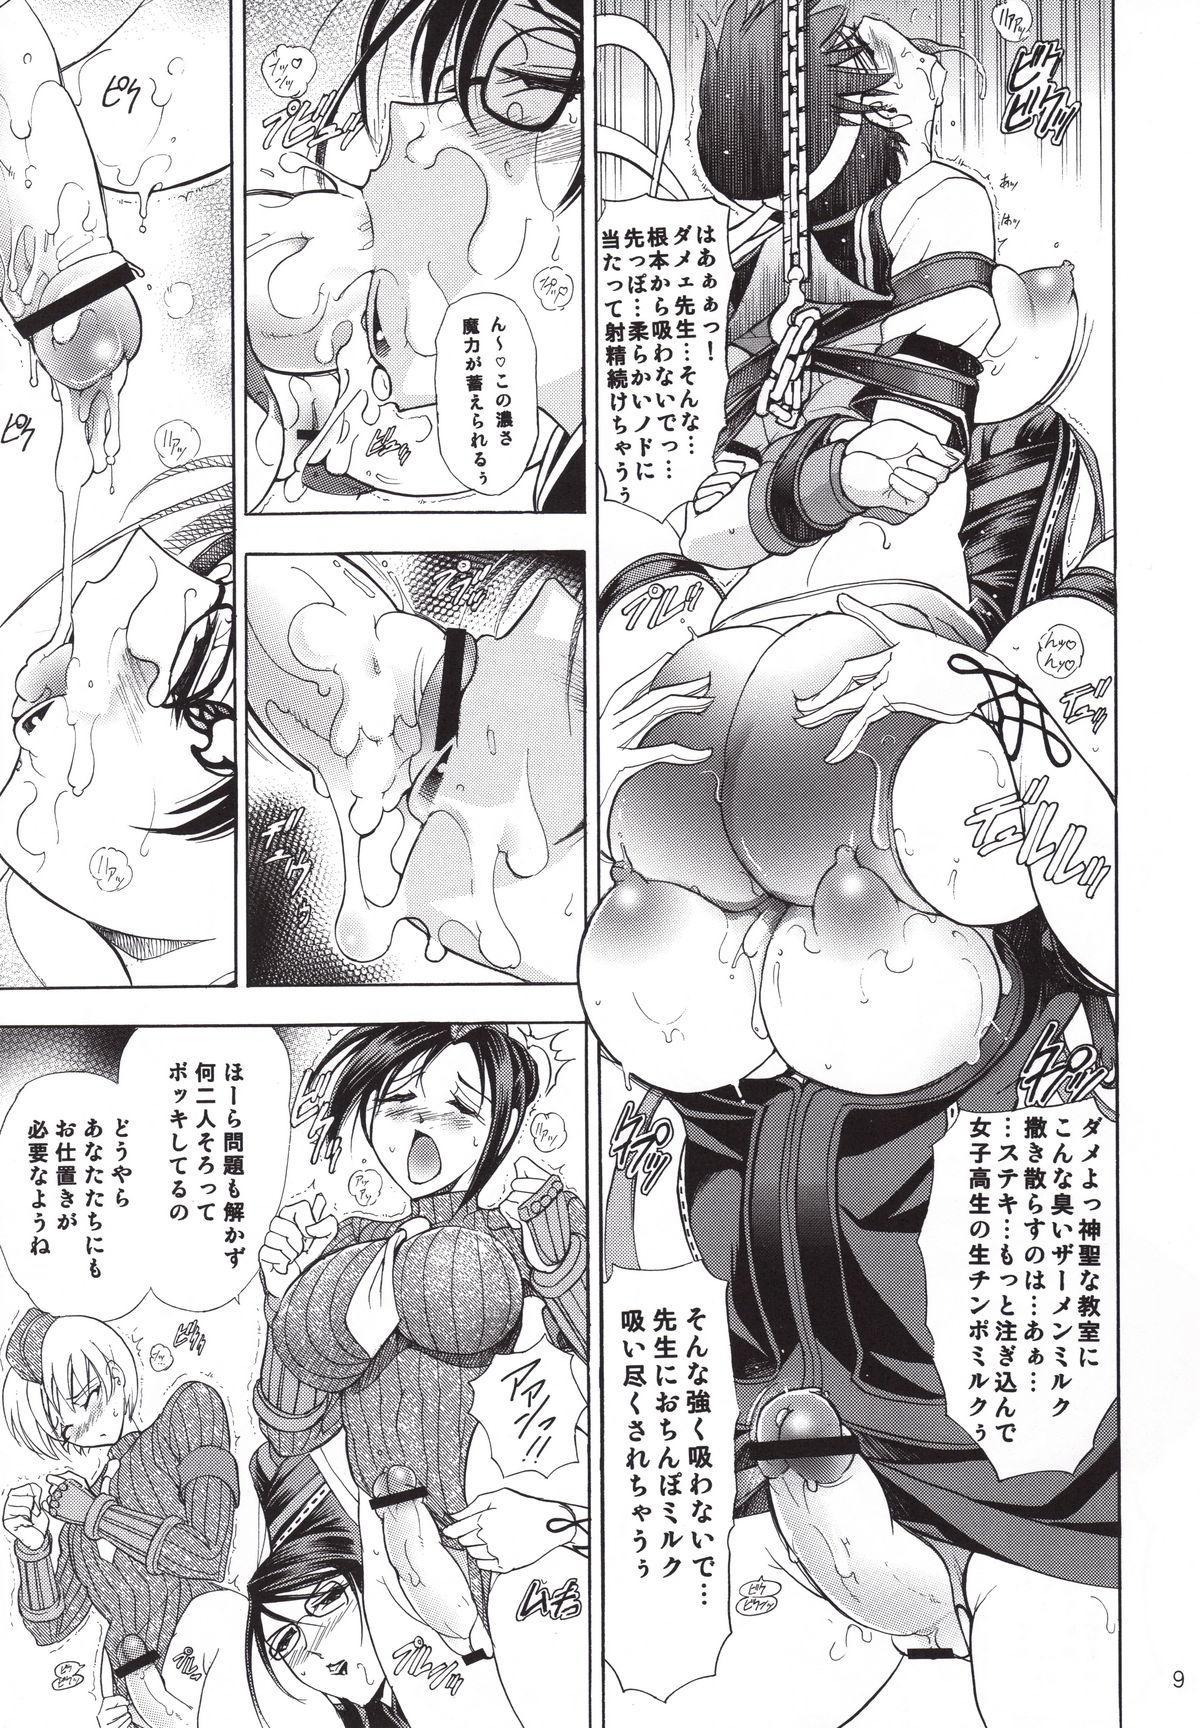 (C77) [Kawaraya Honpo (Kawaraya A-ta)] Hana - Maki no Juukyuu - Kuroki Hana (Bayonetta, Street Fighter, Darkstalkers) 8